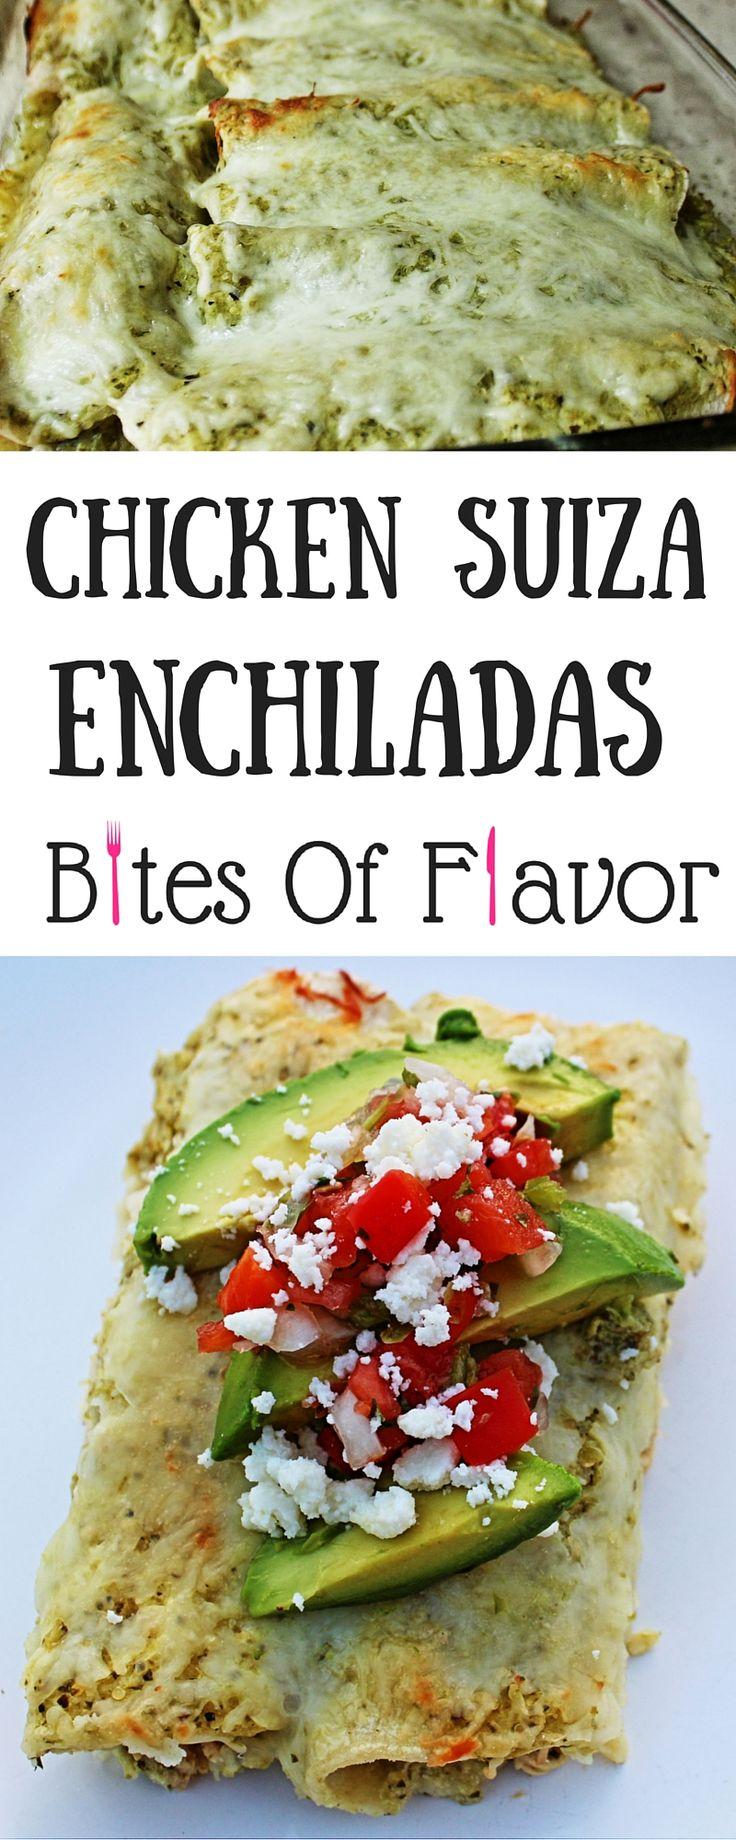 Chicken Suiza Enchiladas-Shredded Chicken Weight Watcher Enchiladas-Mexican Food- 9SmartPoints